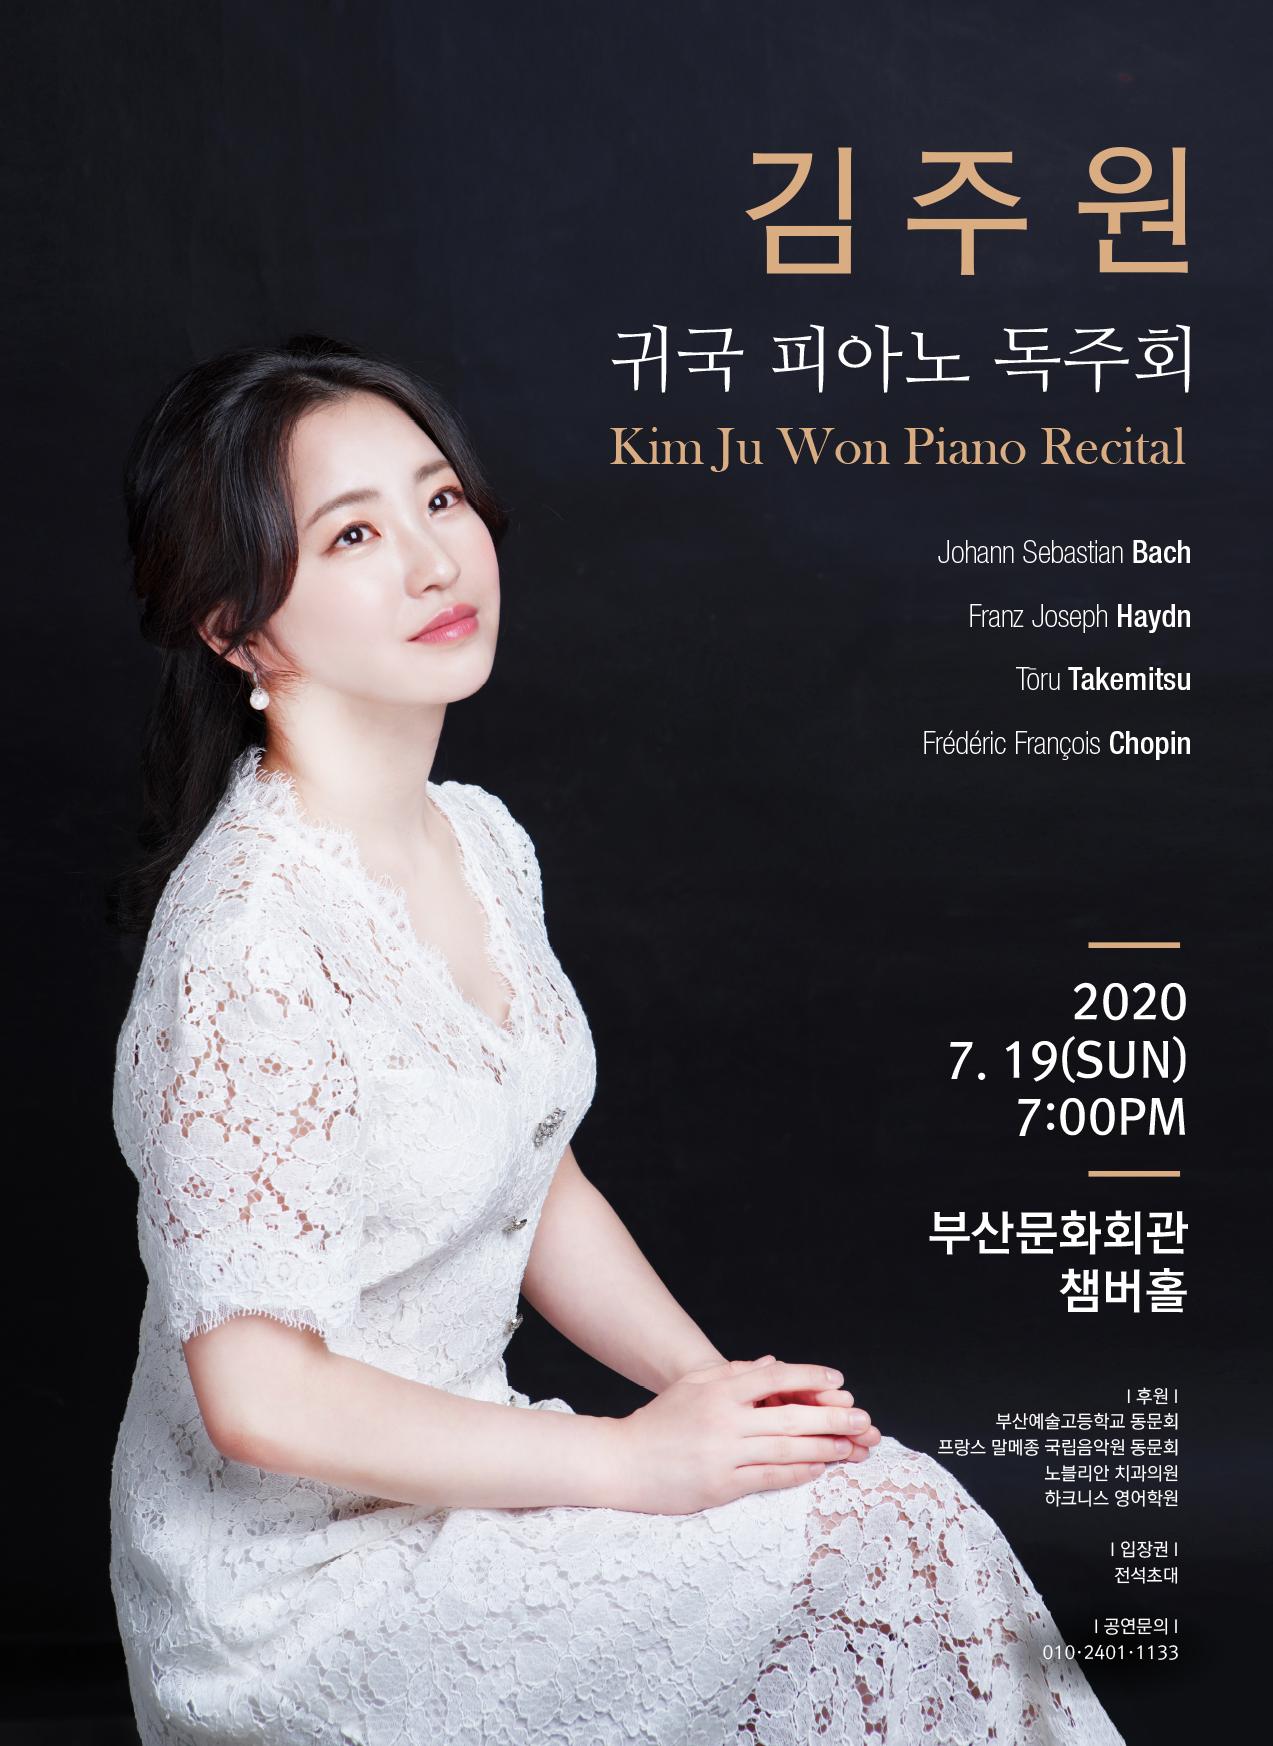 김주원 피아노 귀국독주회